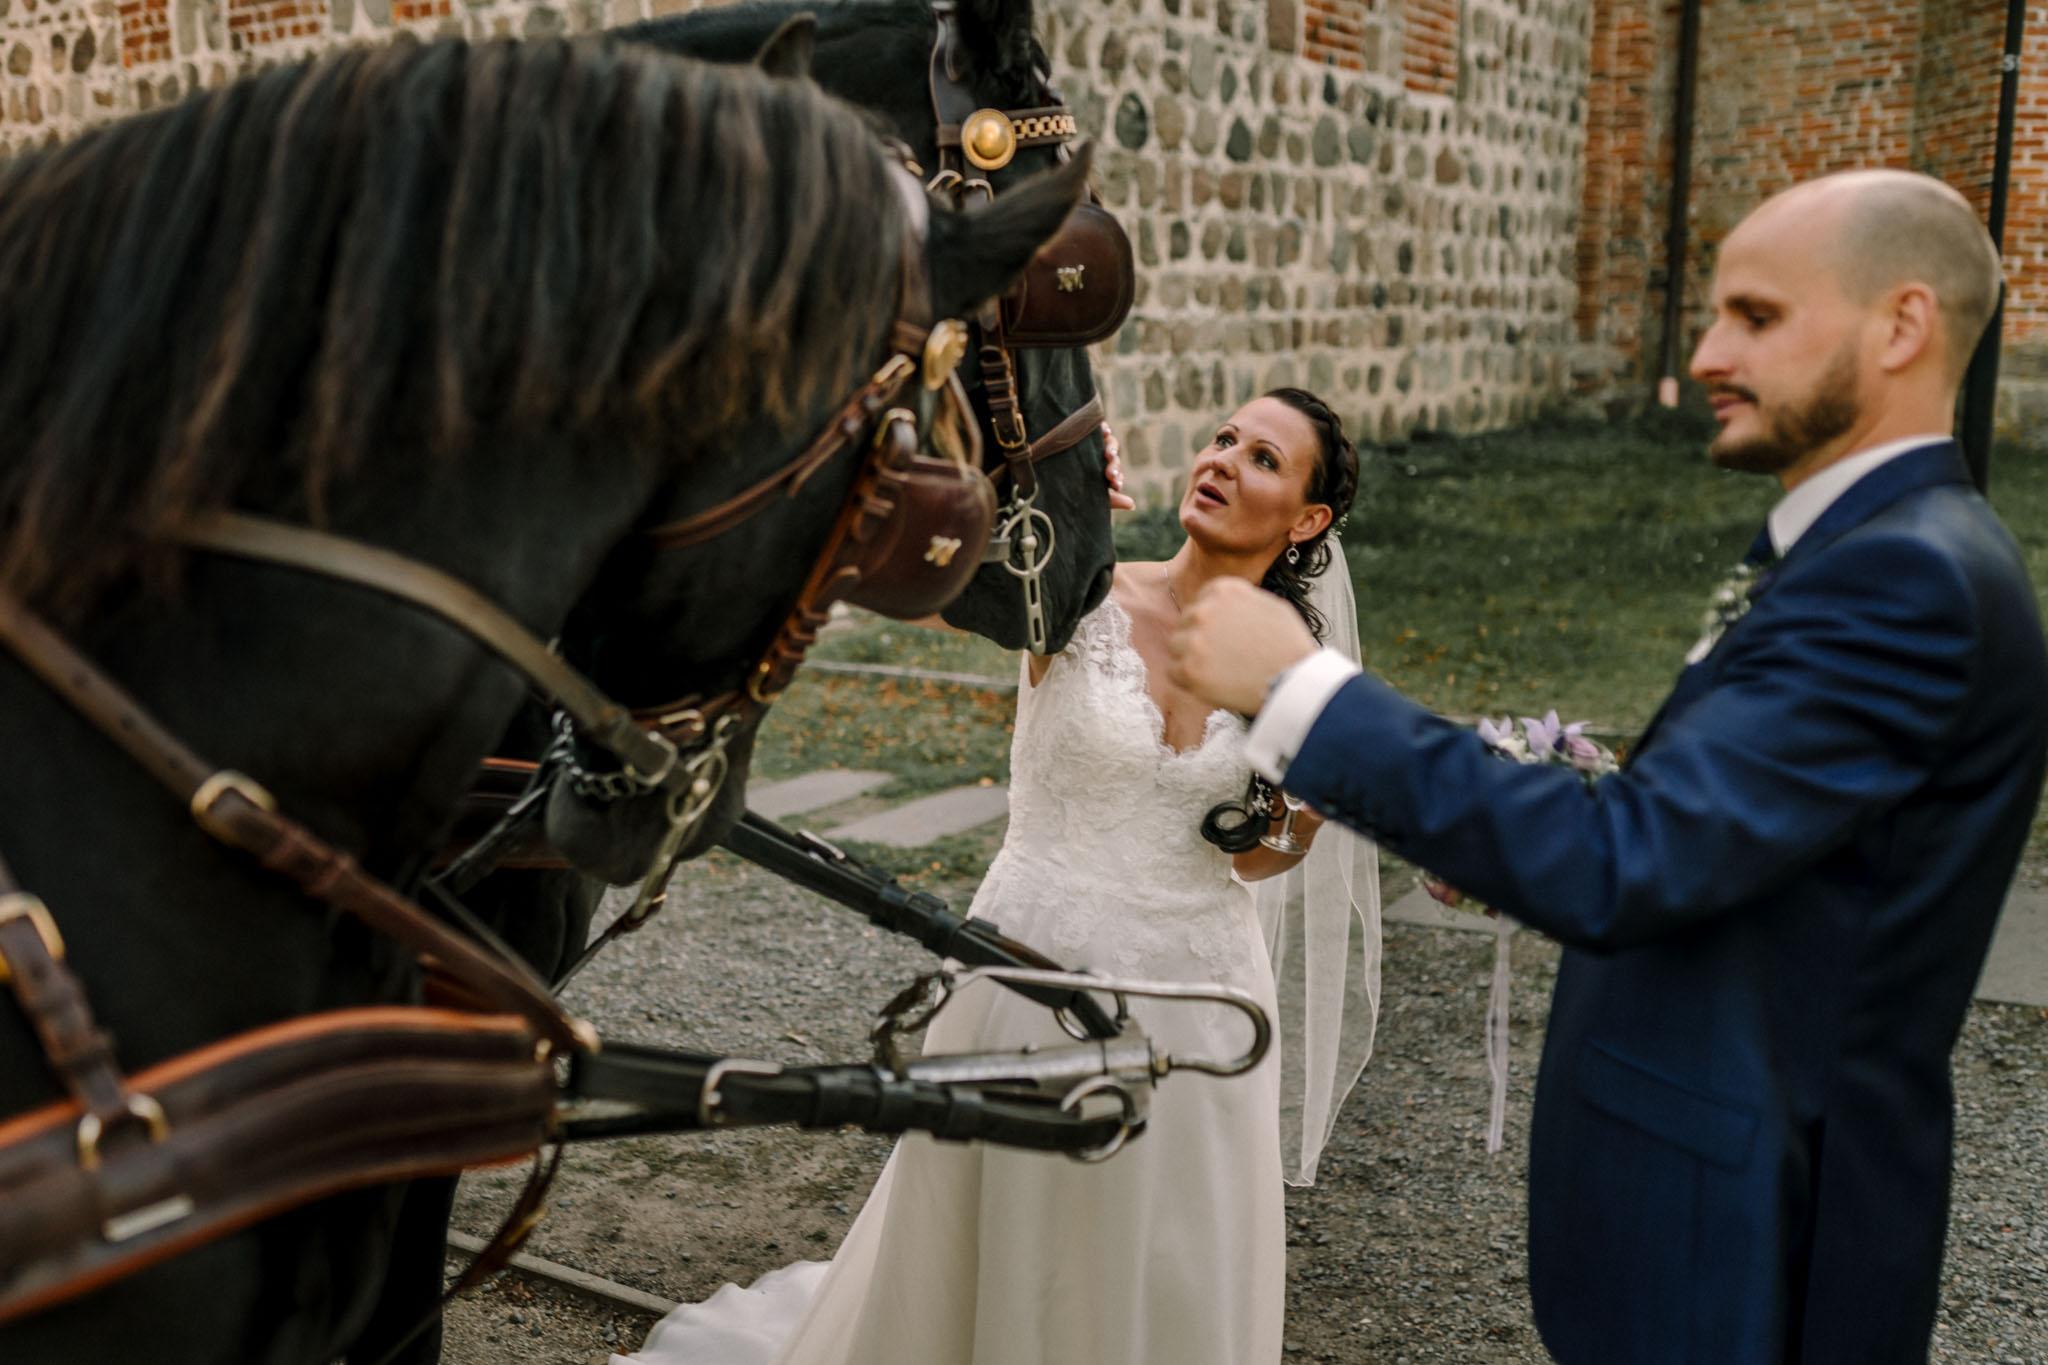 Hochzeitsfieber by Photo-Schomburg, Hochzeitsfotograf, Hamburg,Hochzeitstag, Hochzeitspaar, Braut, Bräutigam, Literaturhauscafe Zarrentin-85